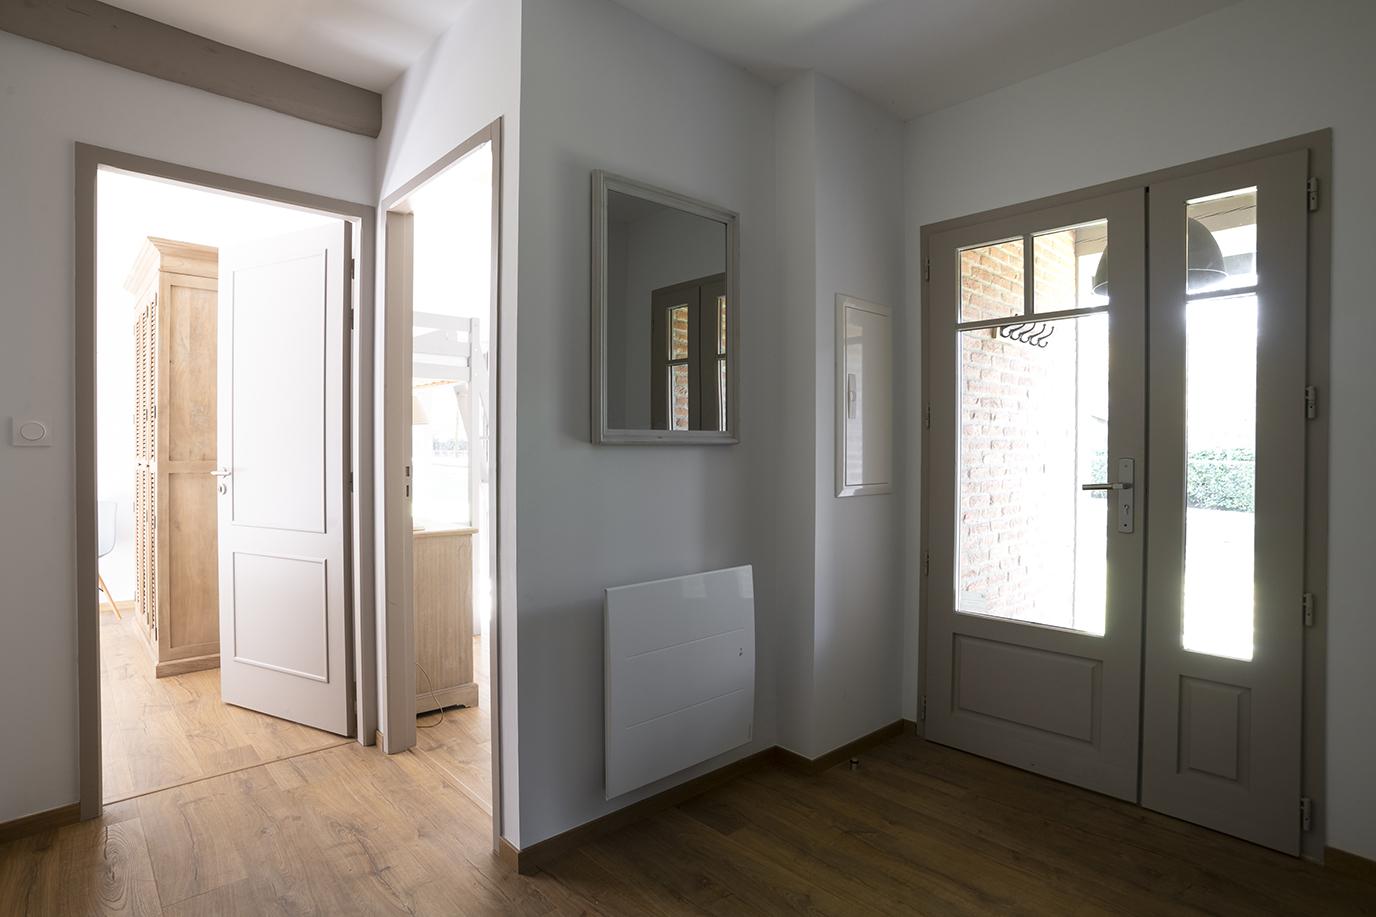 Rénovation_maison landes_lala architectes_Entrée